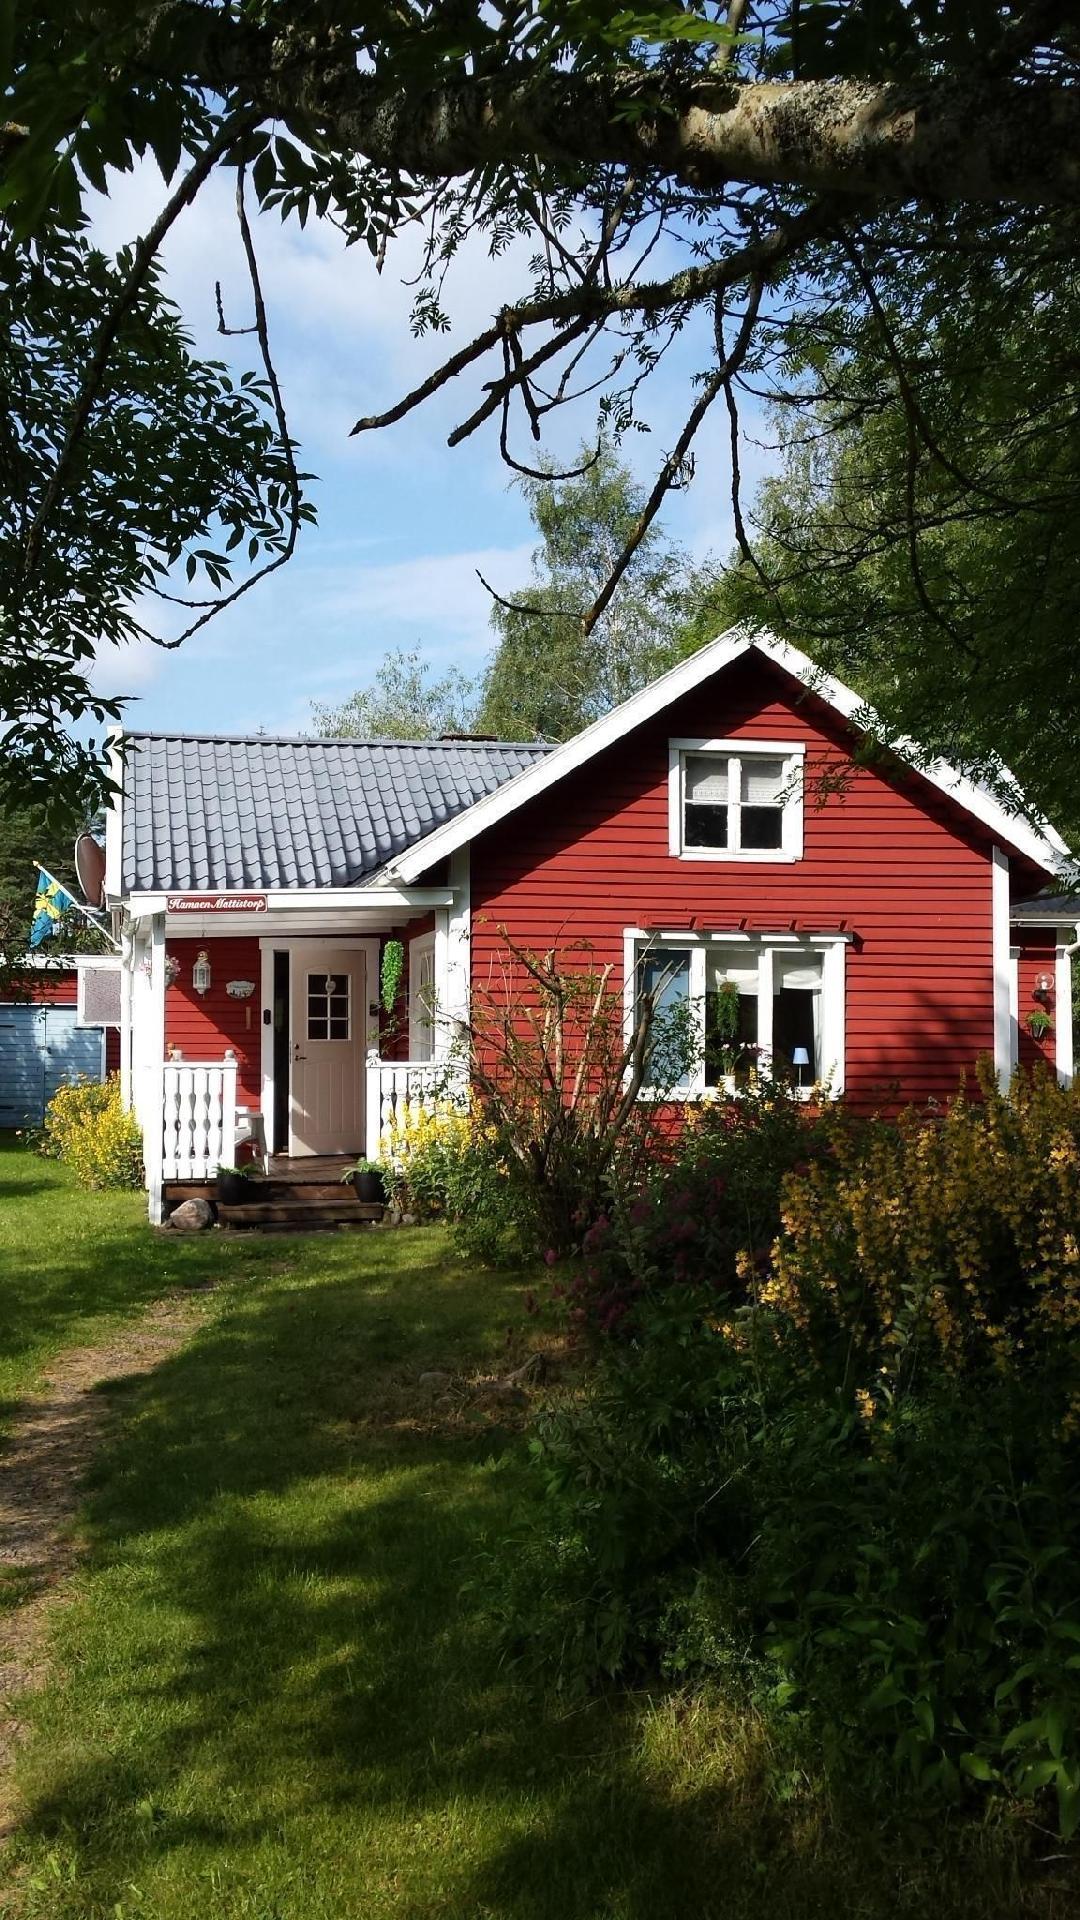 Ferienhaus für 6 Personen ca 80 m² in Mölltorp Südschweden Västergötland